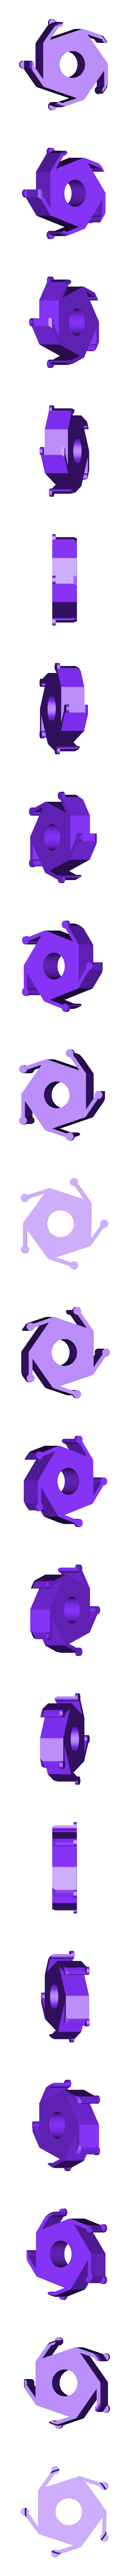 spool_adapter_v1-4_left20170115-11635-frfvg8-0.stl Télécharger fichier STL gratuit Adaptateur de moyeu de bobine de 15 mm • Design pour impression 3D, Knaudler